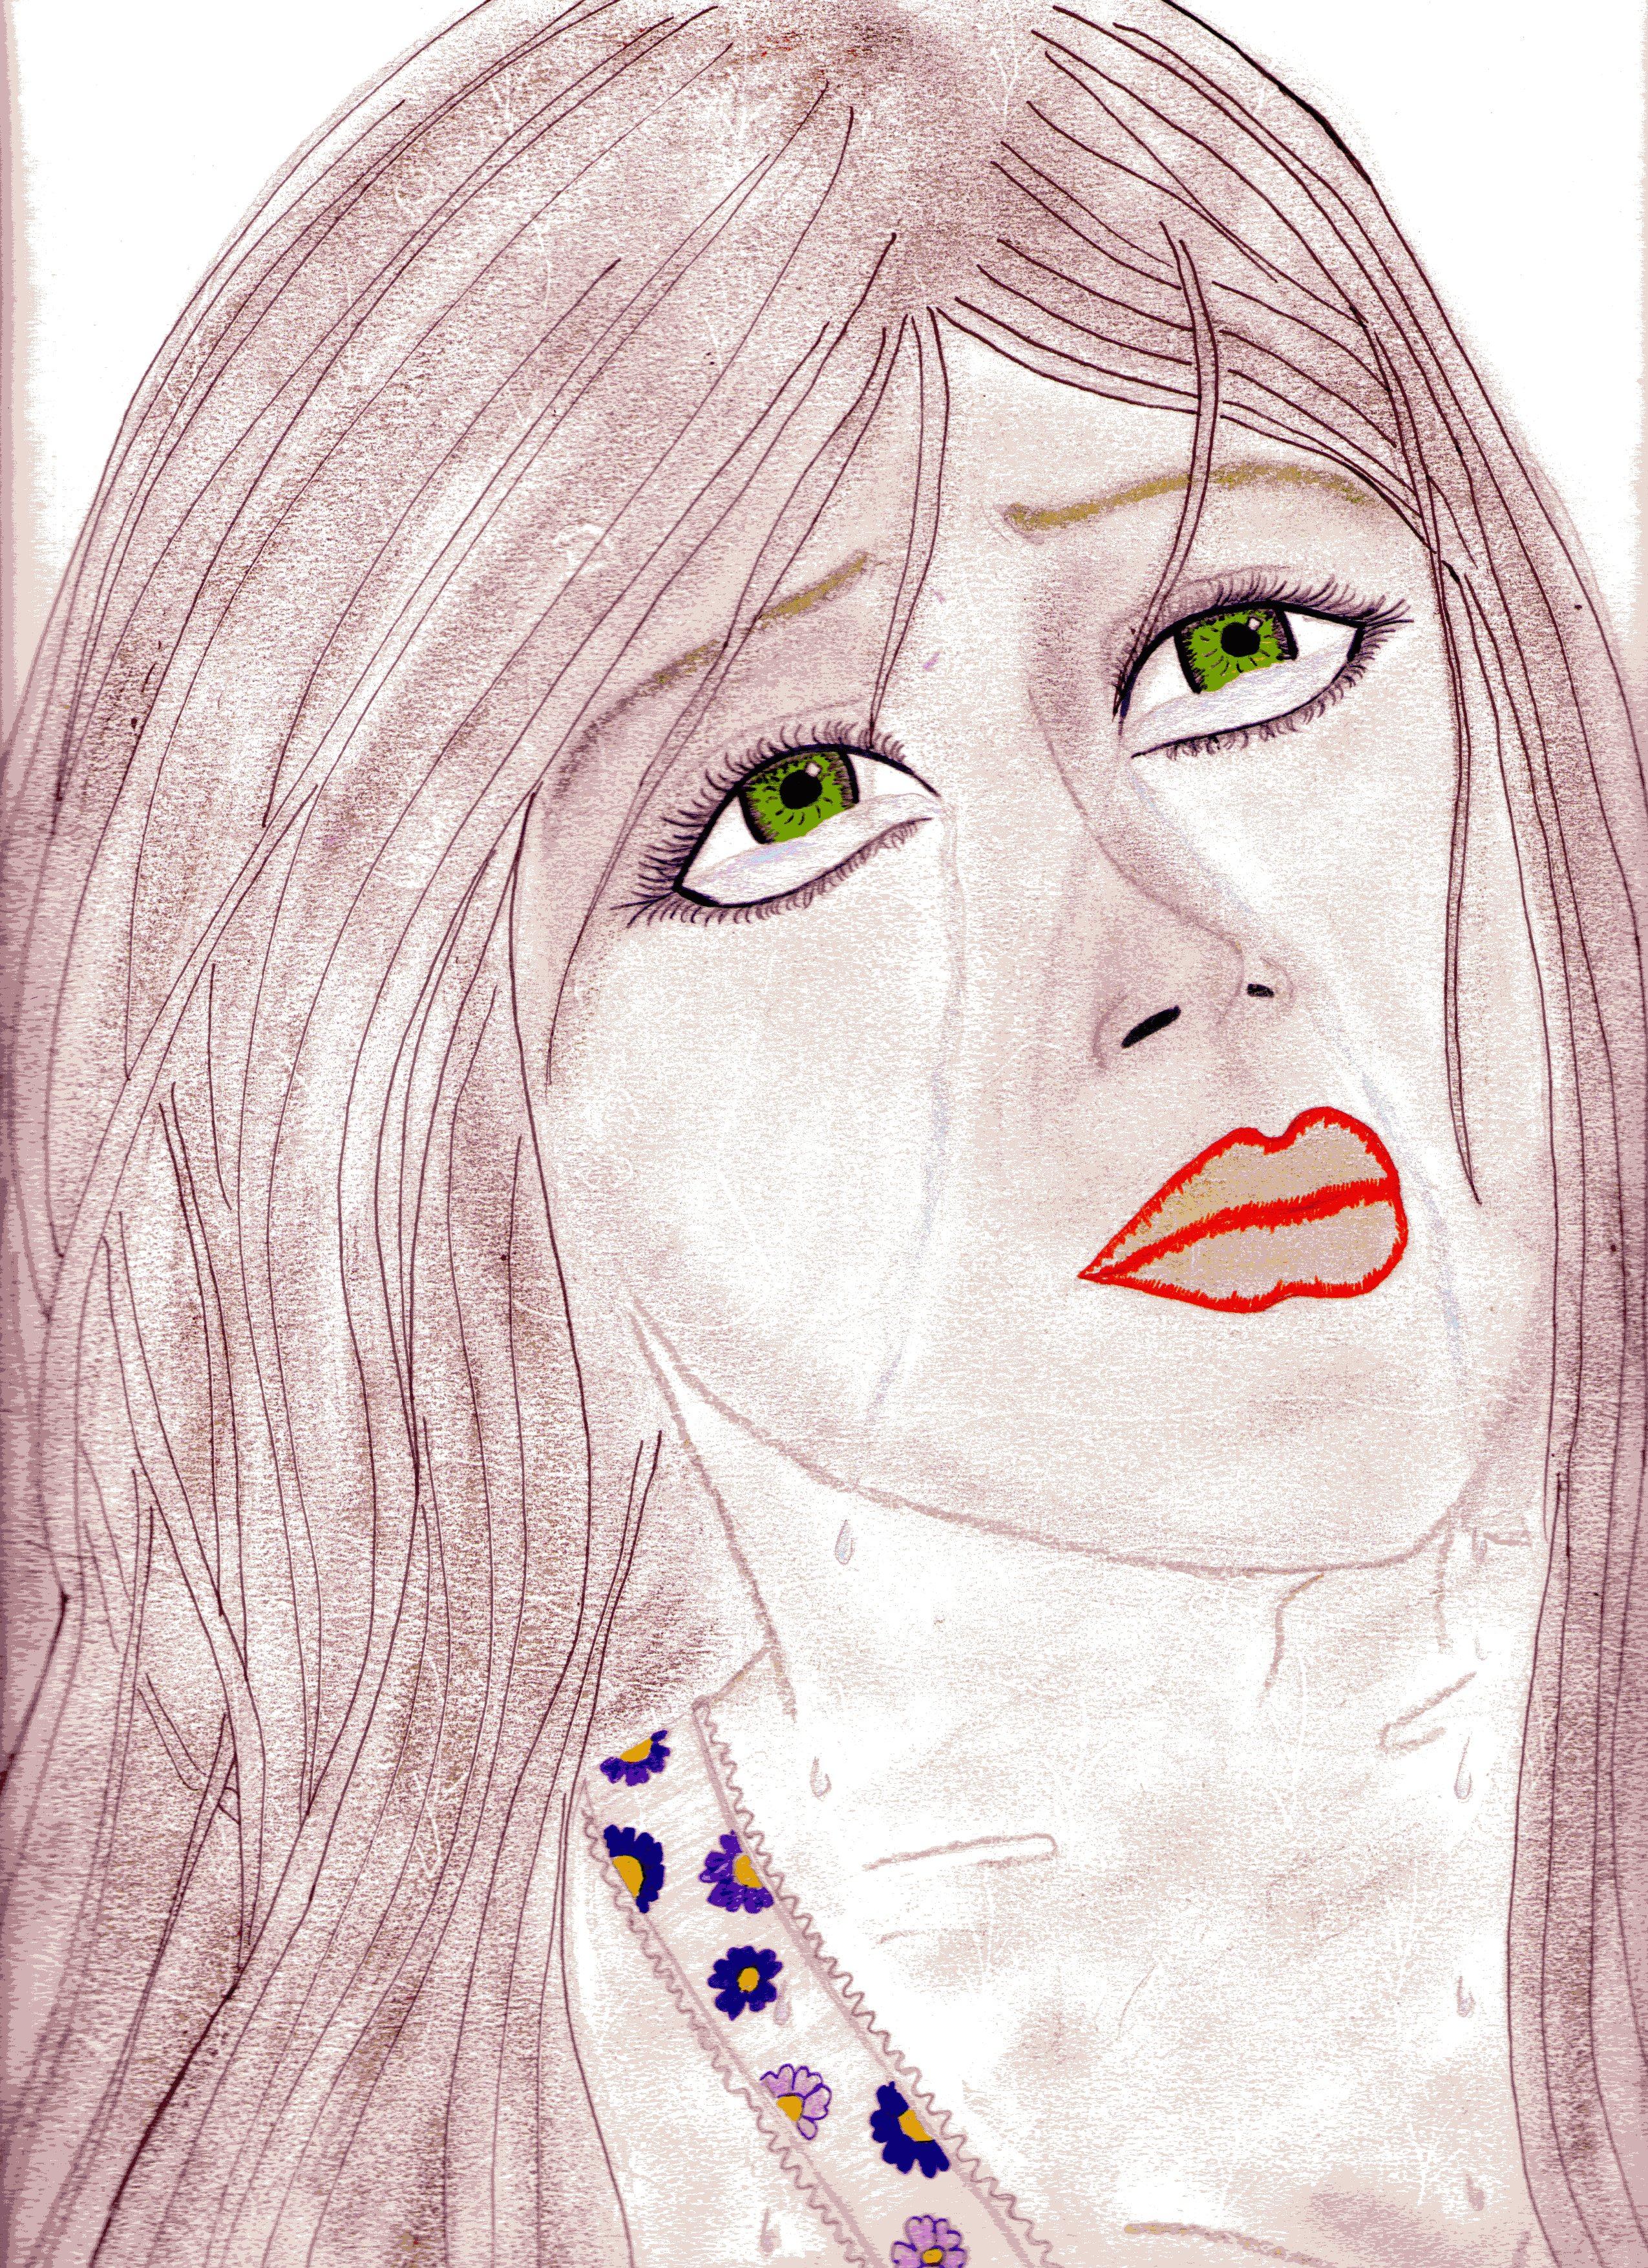 Dessin Femme Triste Pastel Sec Pencildrawing Fr